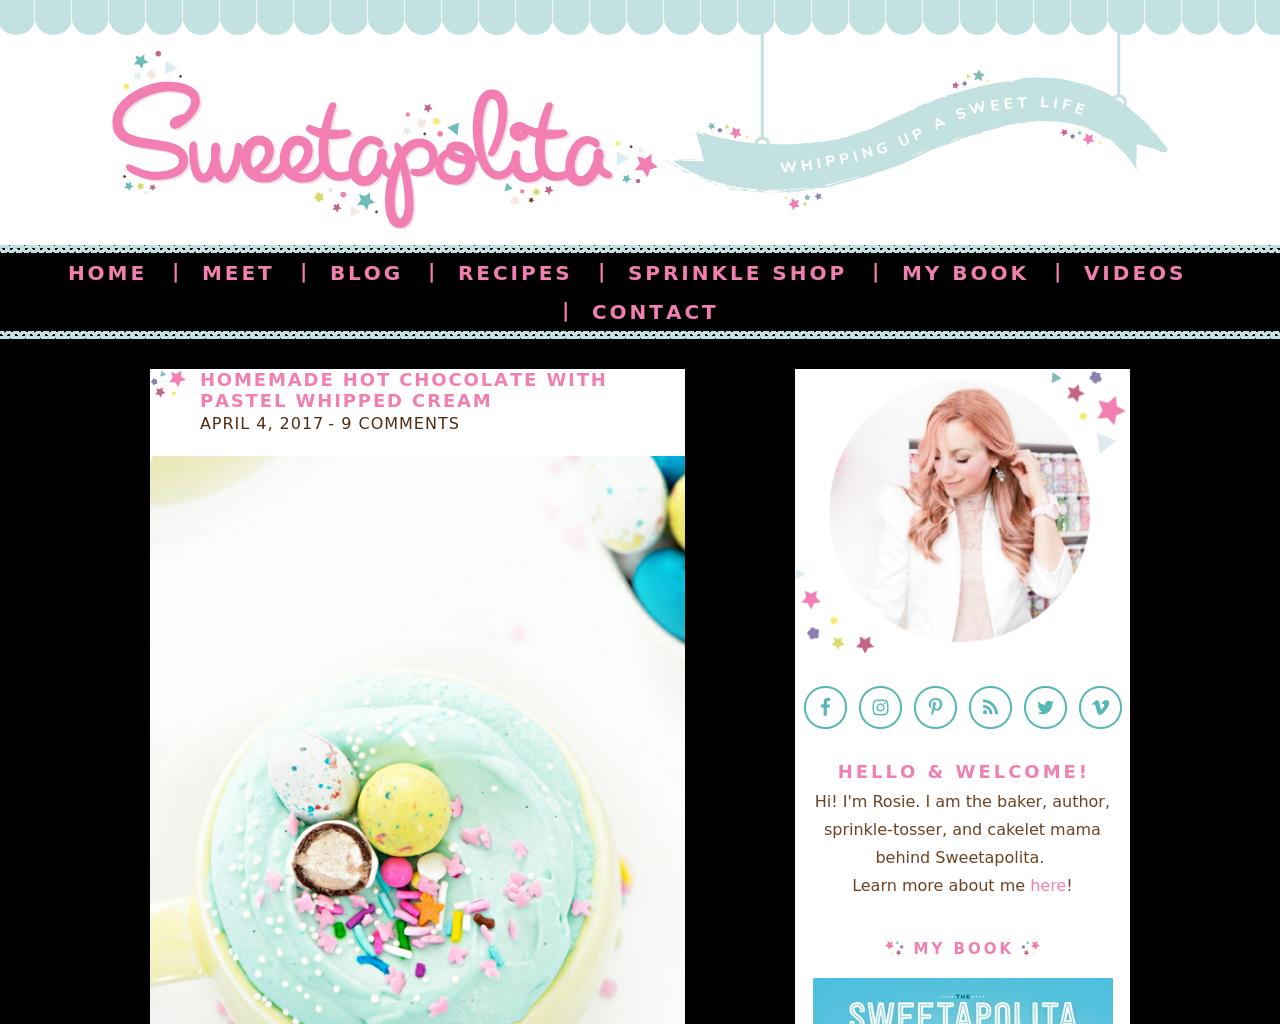 Sweetapolita-Advertising-Reviews-Pricing